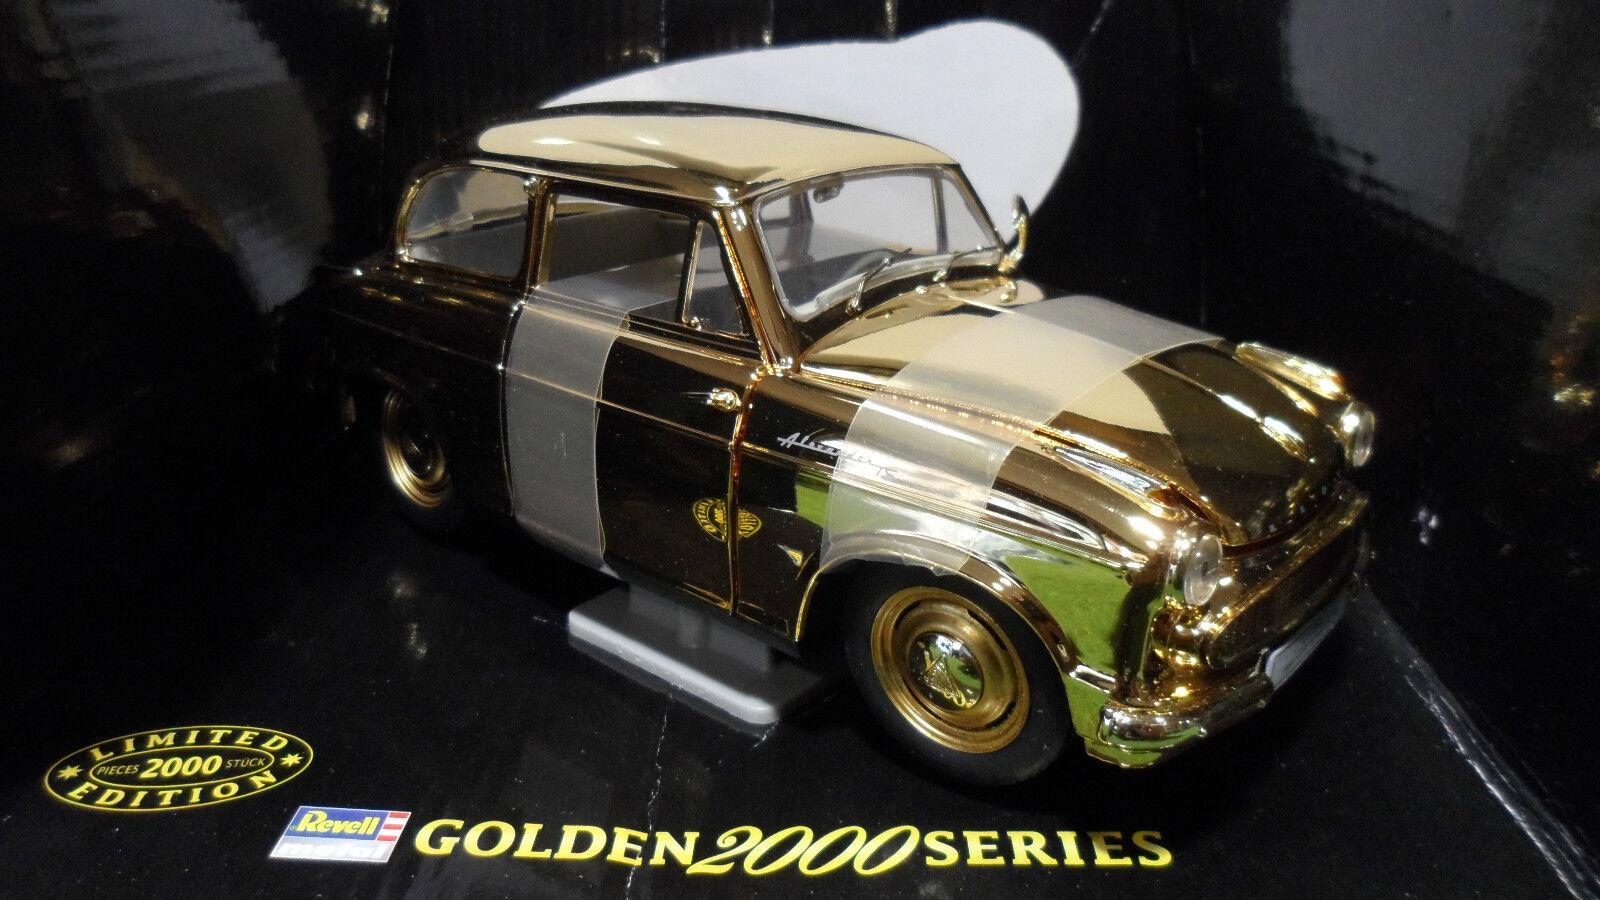 LLOYD ALEXANDER TS OR 1 18 REVELL 08907 orEN 2000 SERIES voiture miniature